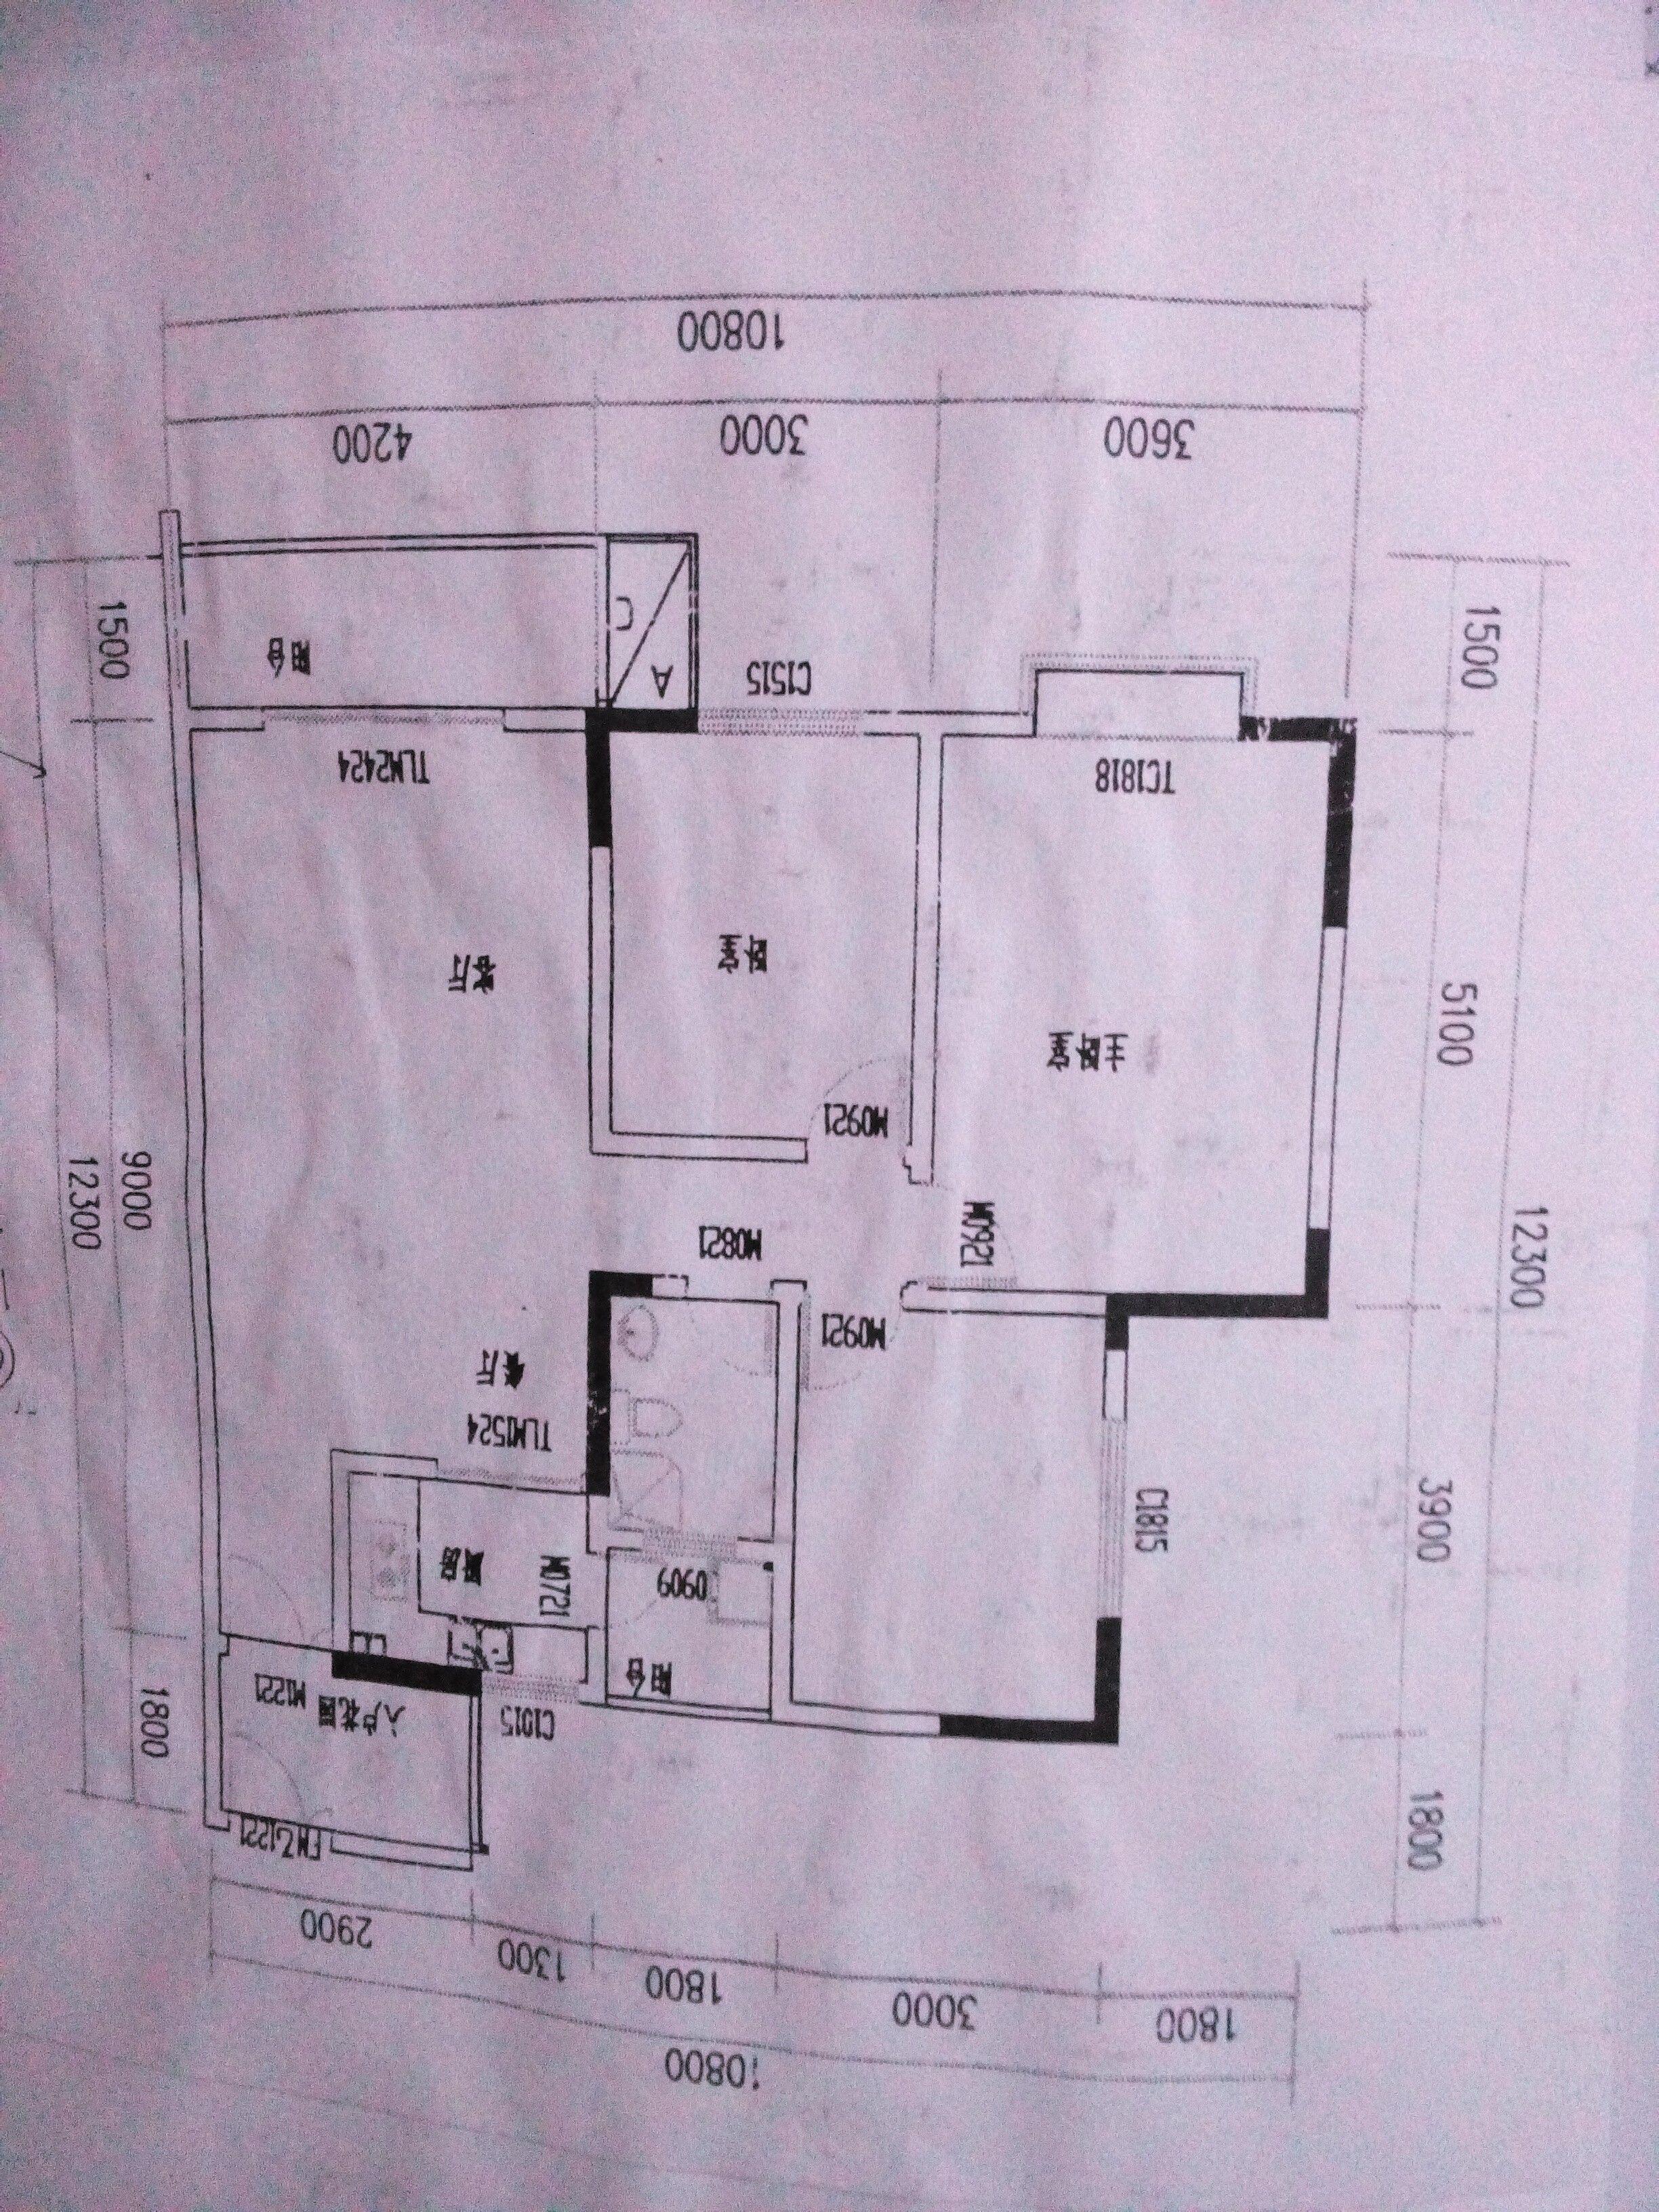 我的房子是三室一厅一厨一卫的建筑面积112,室内面积100吧,客厅有个